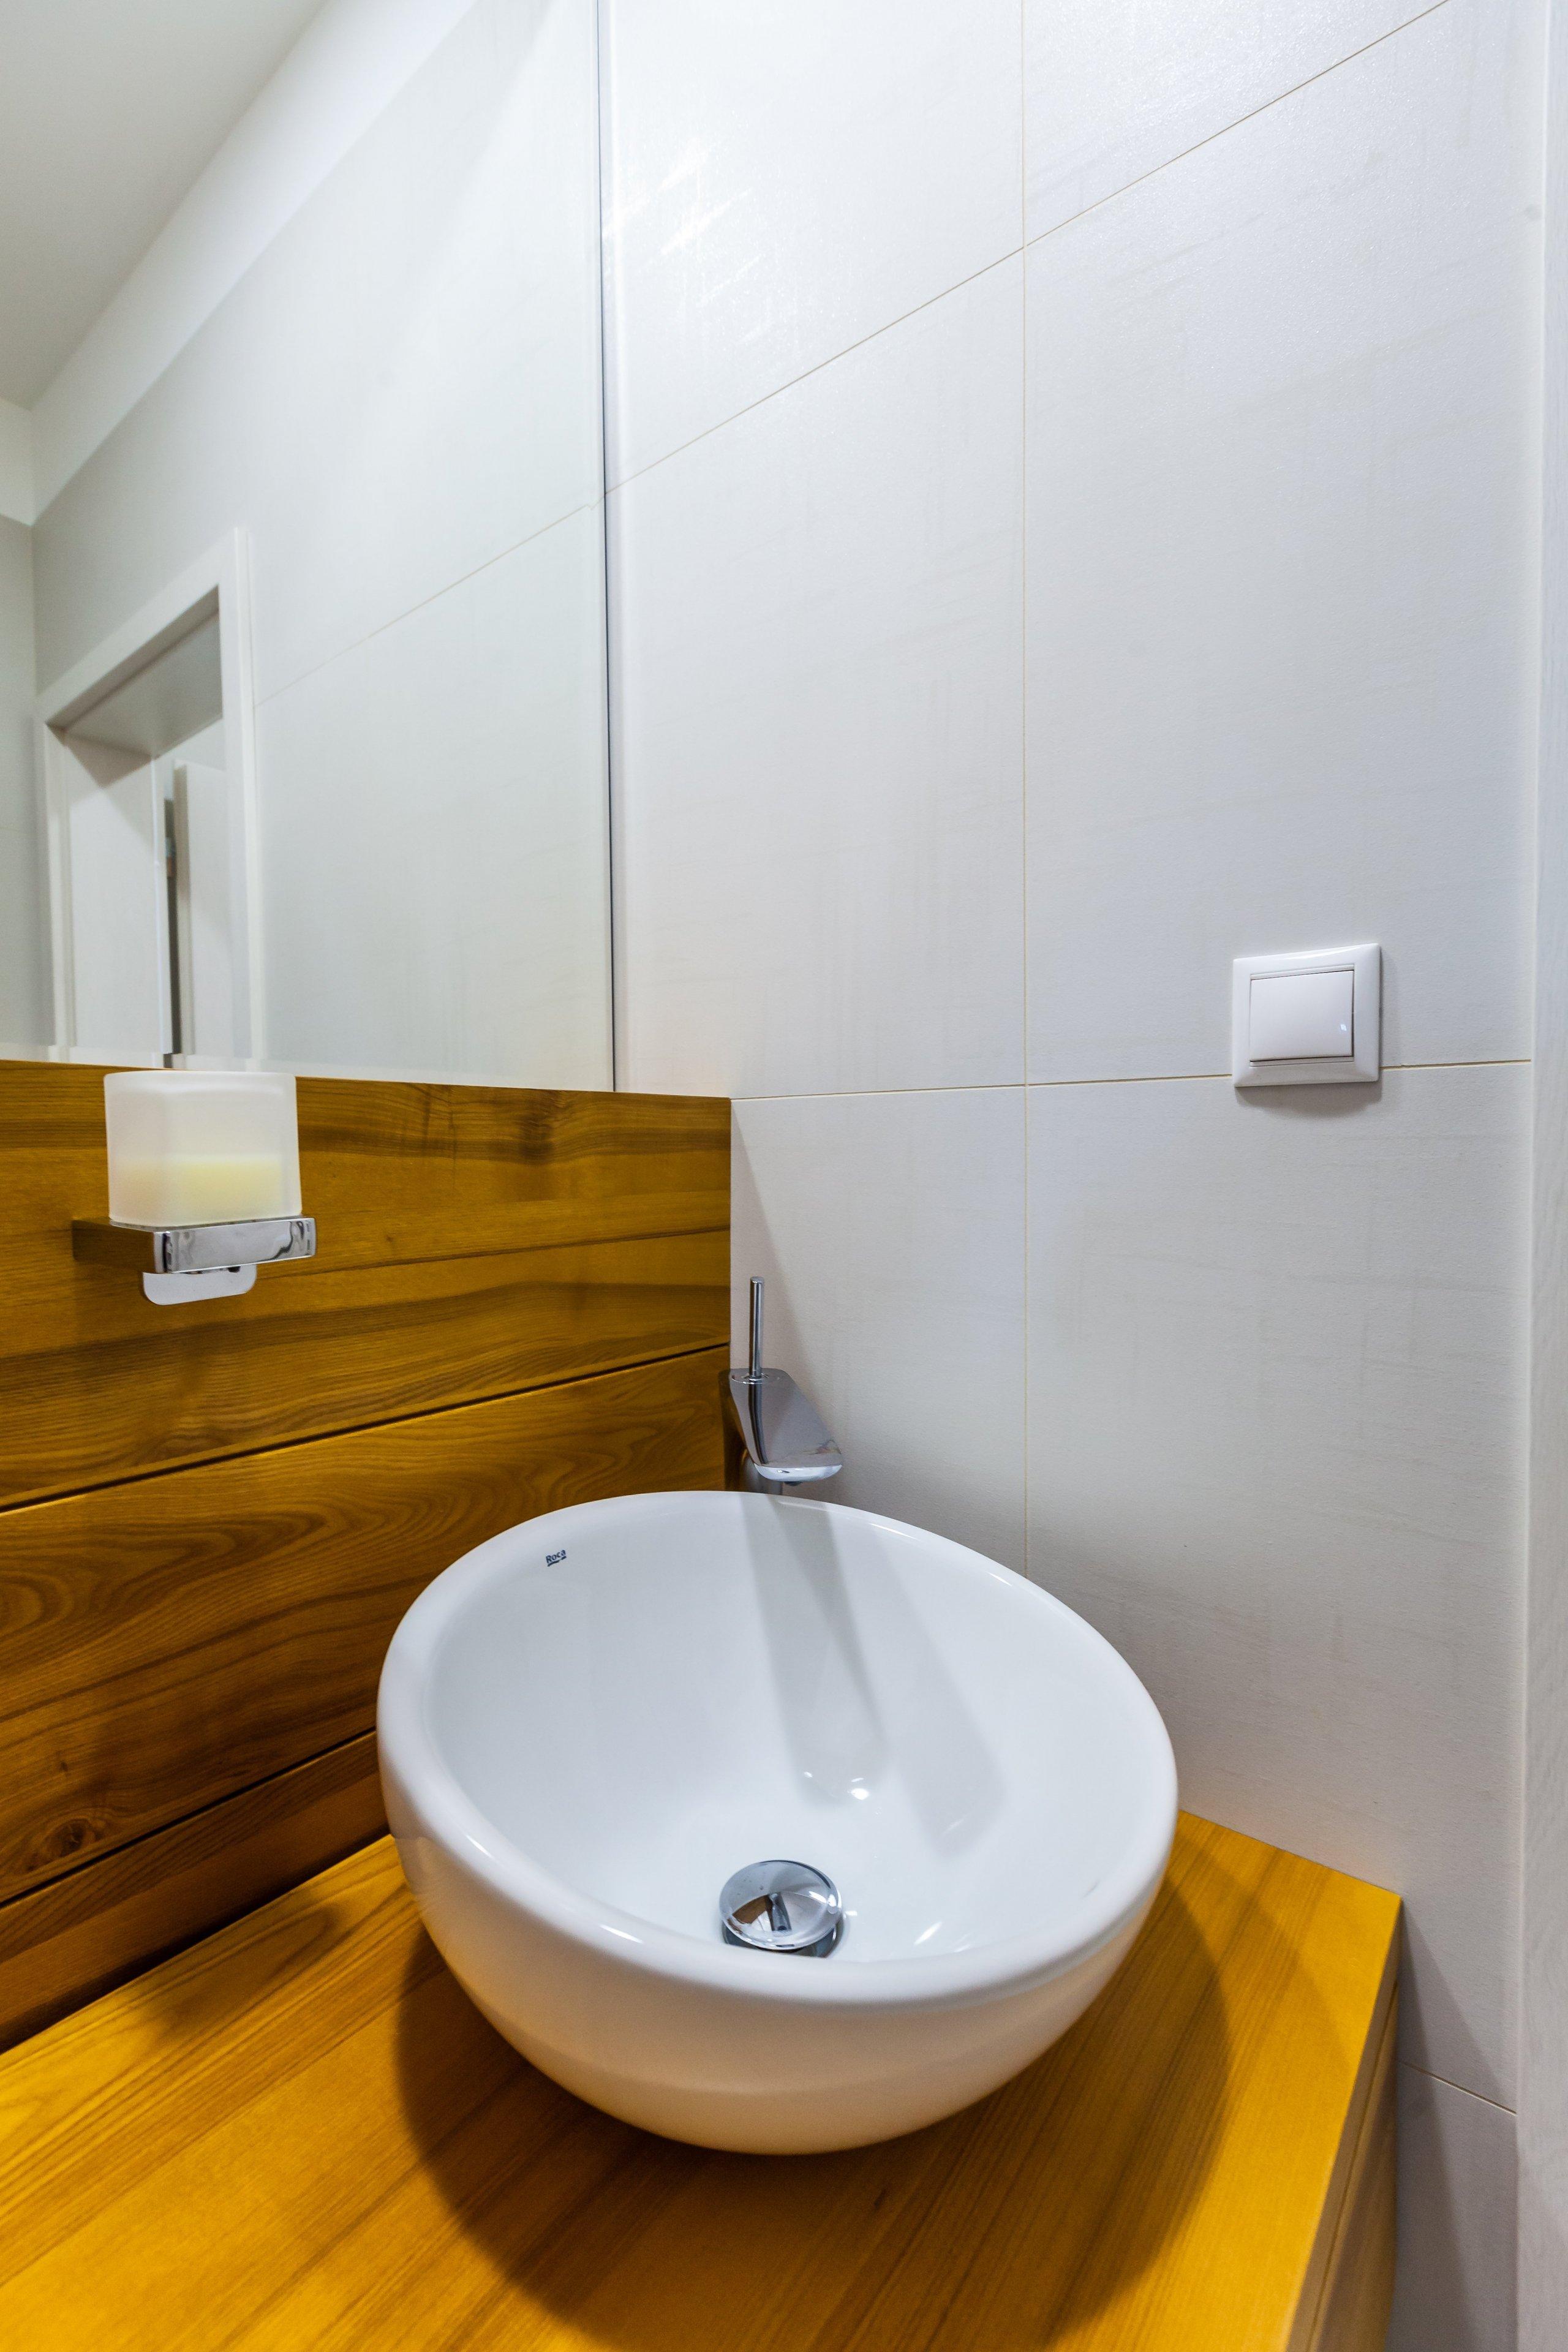 prinášame Vám náhľad do zrealizovaného interiéru bytu v Považskej Bystrici v spolupráci s dodávkou exkluzívnych obkladov, dlažieb a sanity štúdia BEST, veríme,…